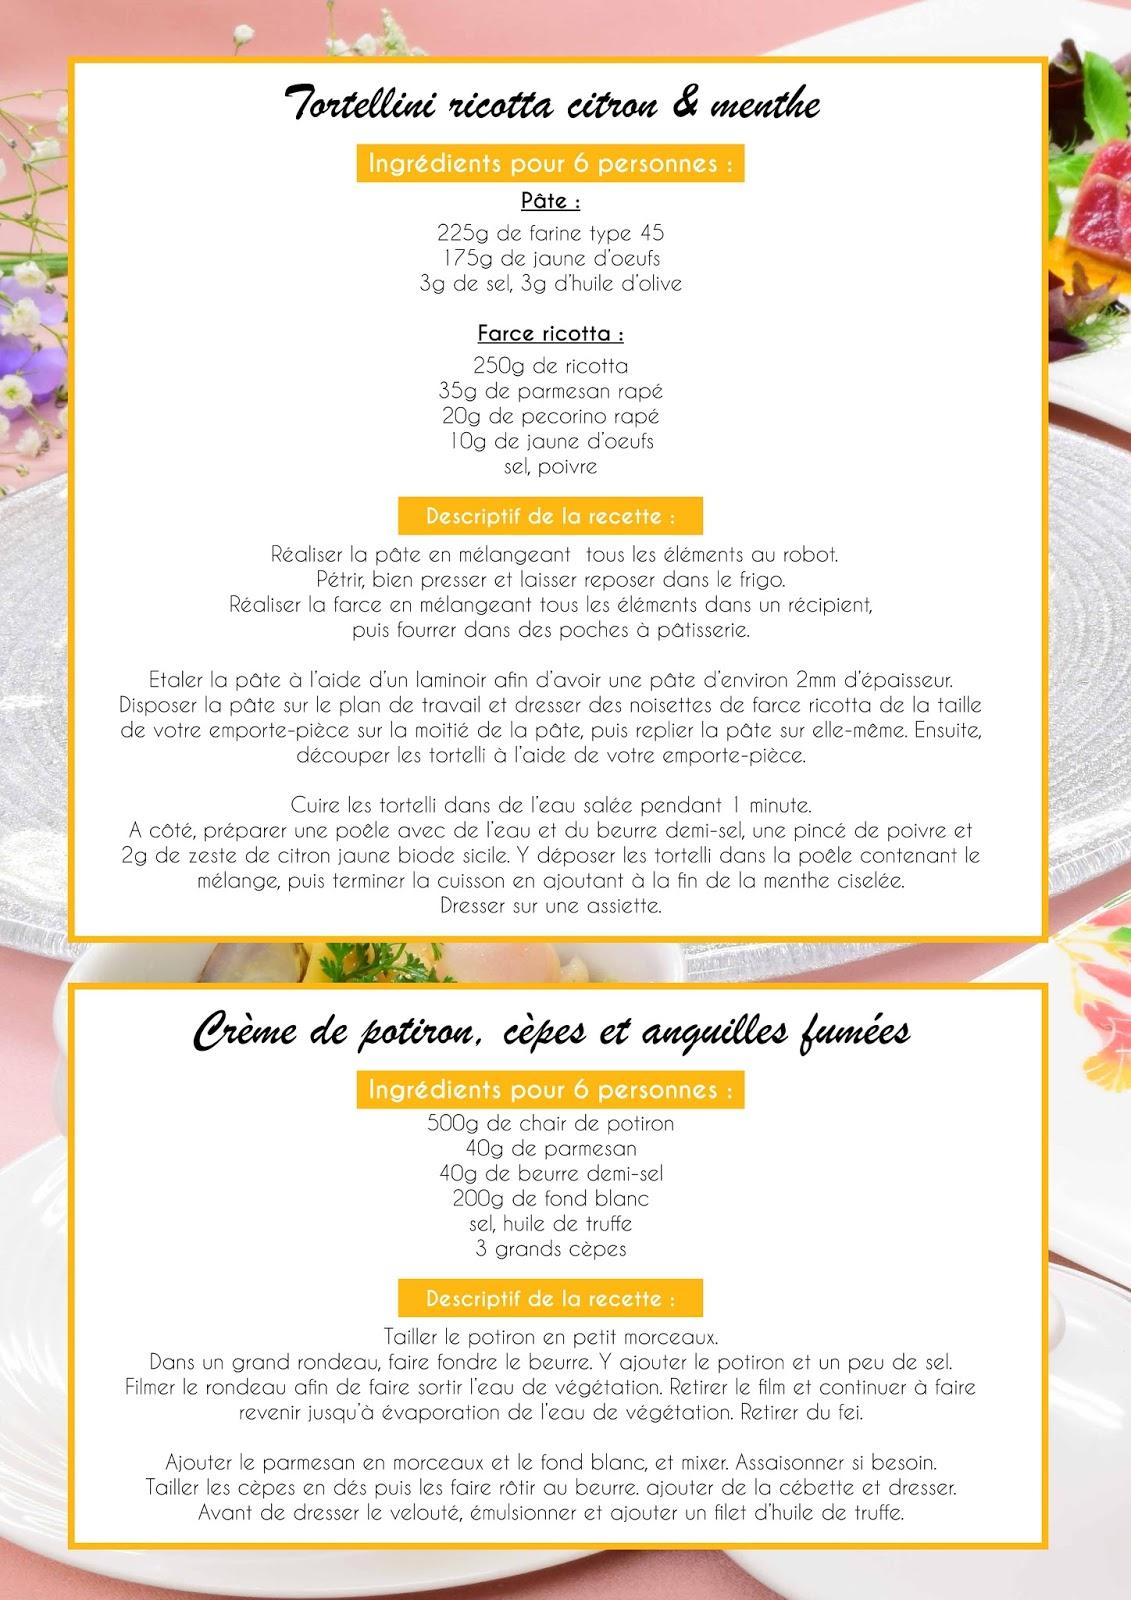 recette tortellini et potiron atelier Cuisine a&d